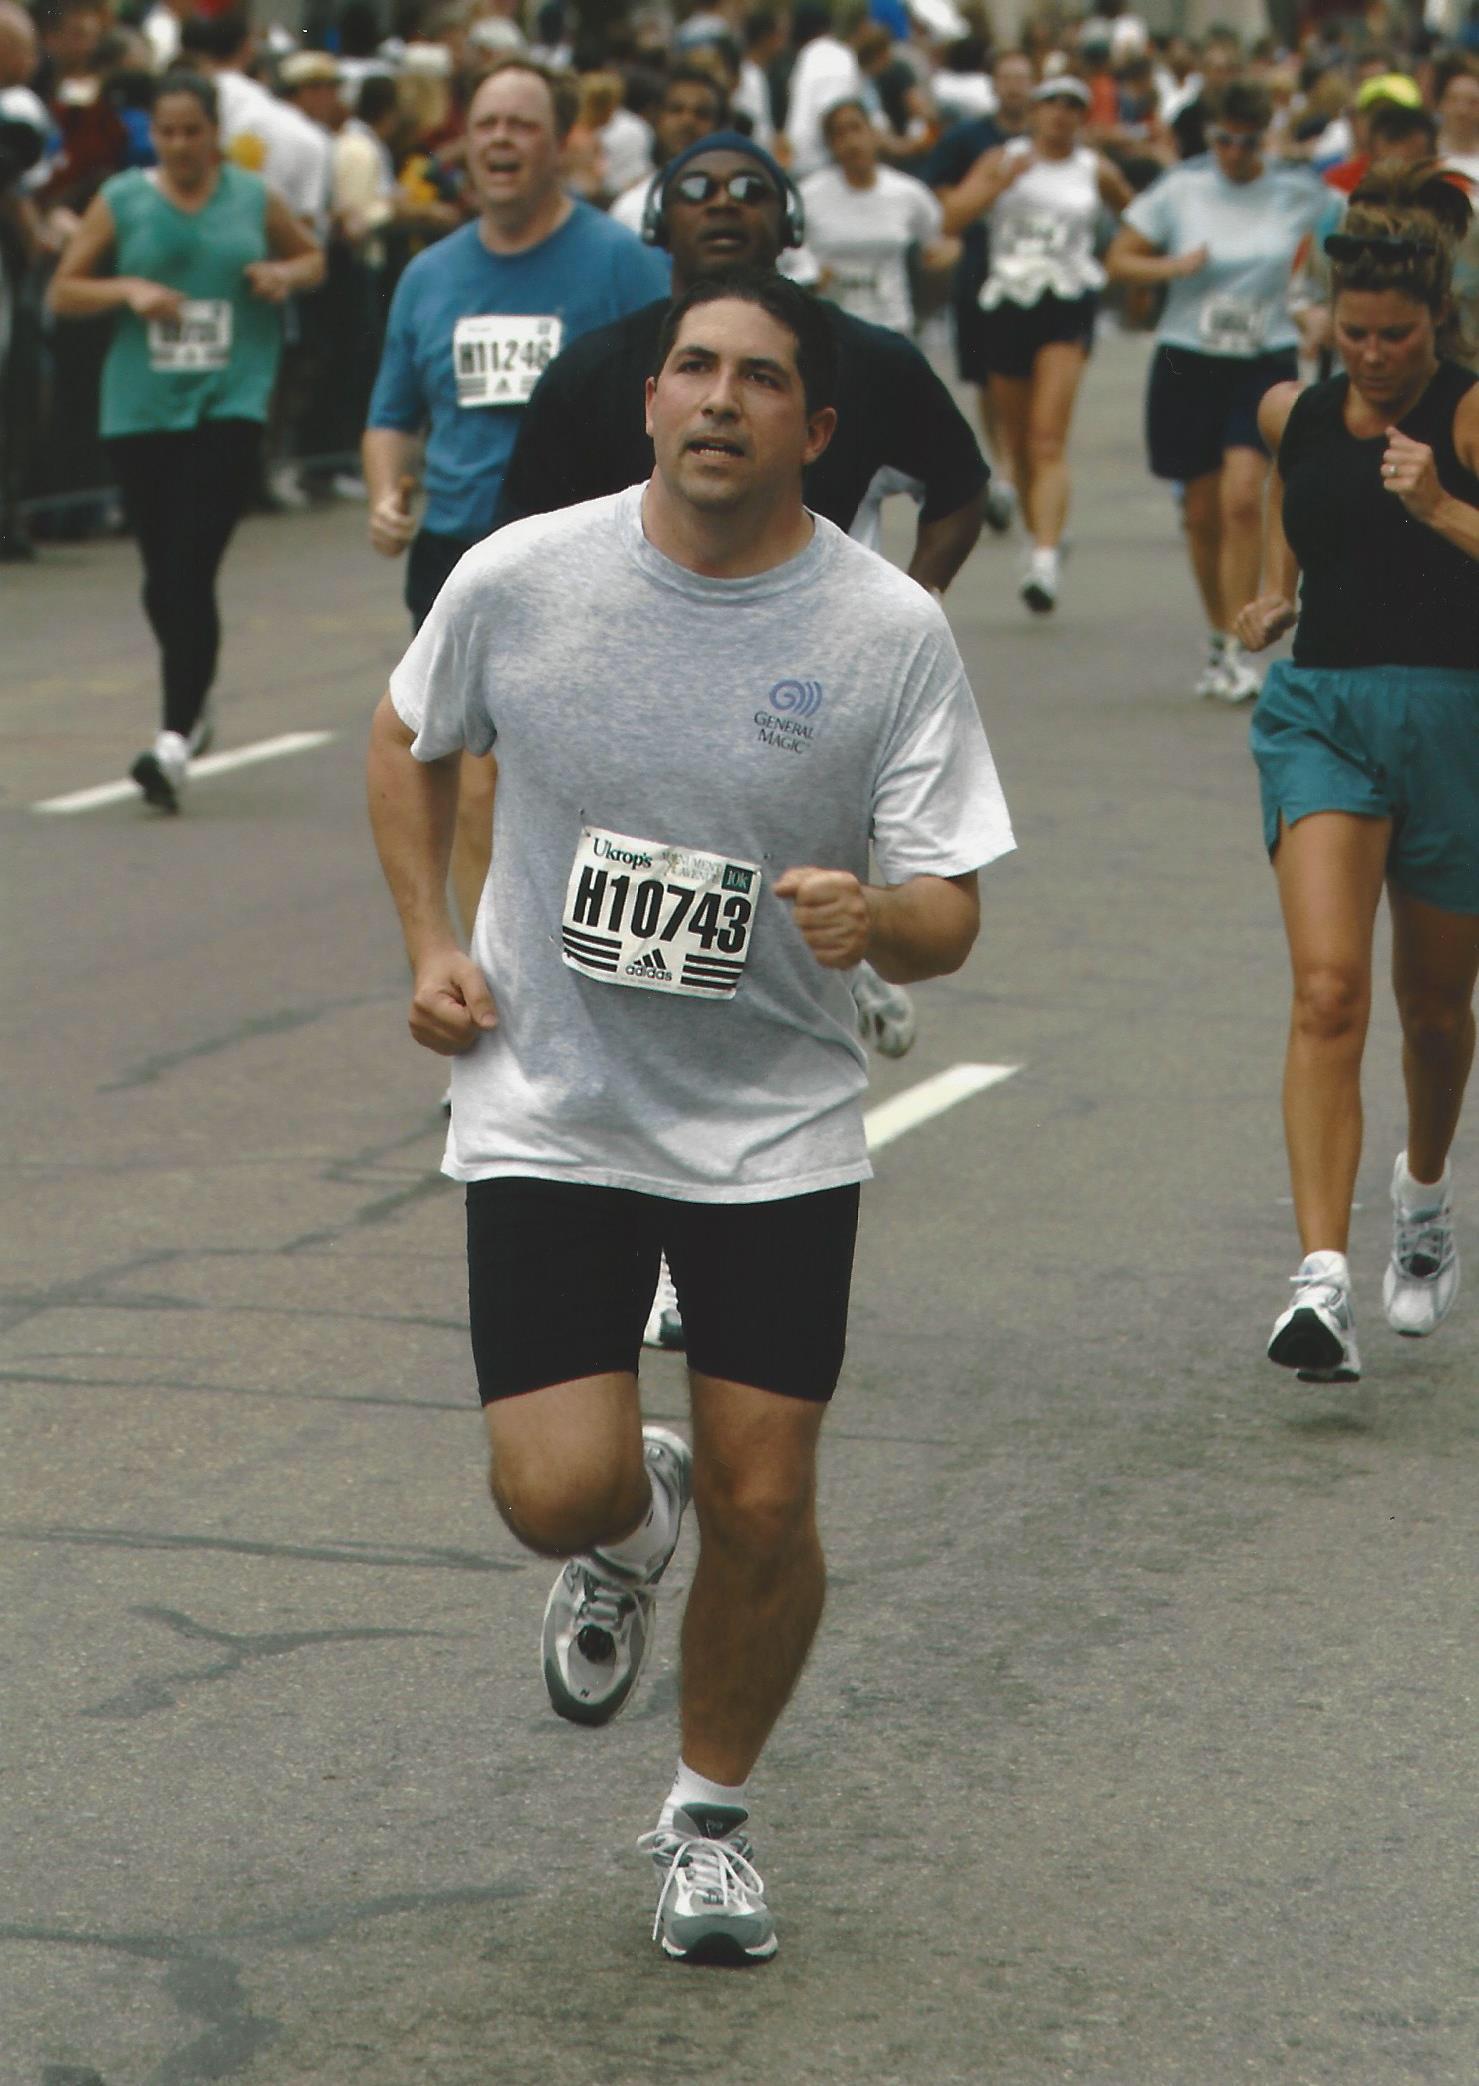 Garth runs the 10k in 2004